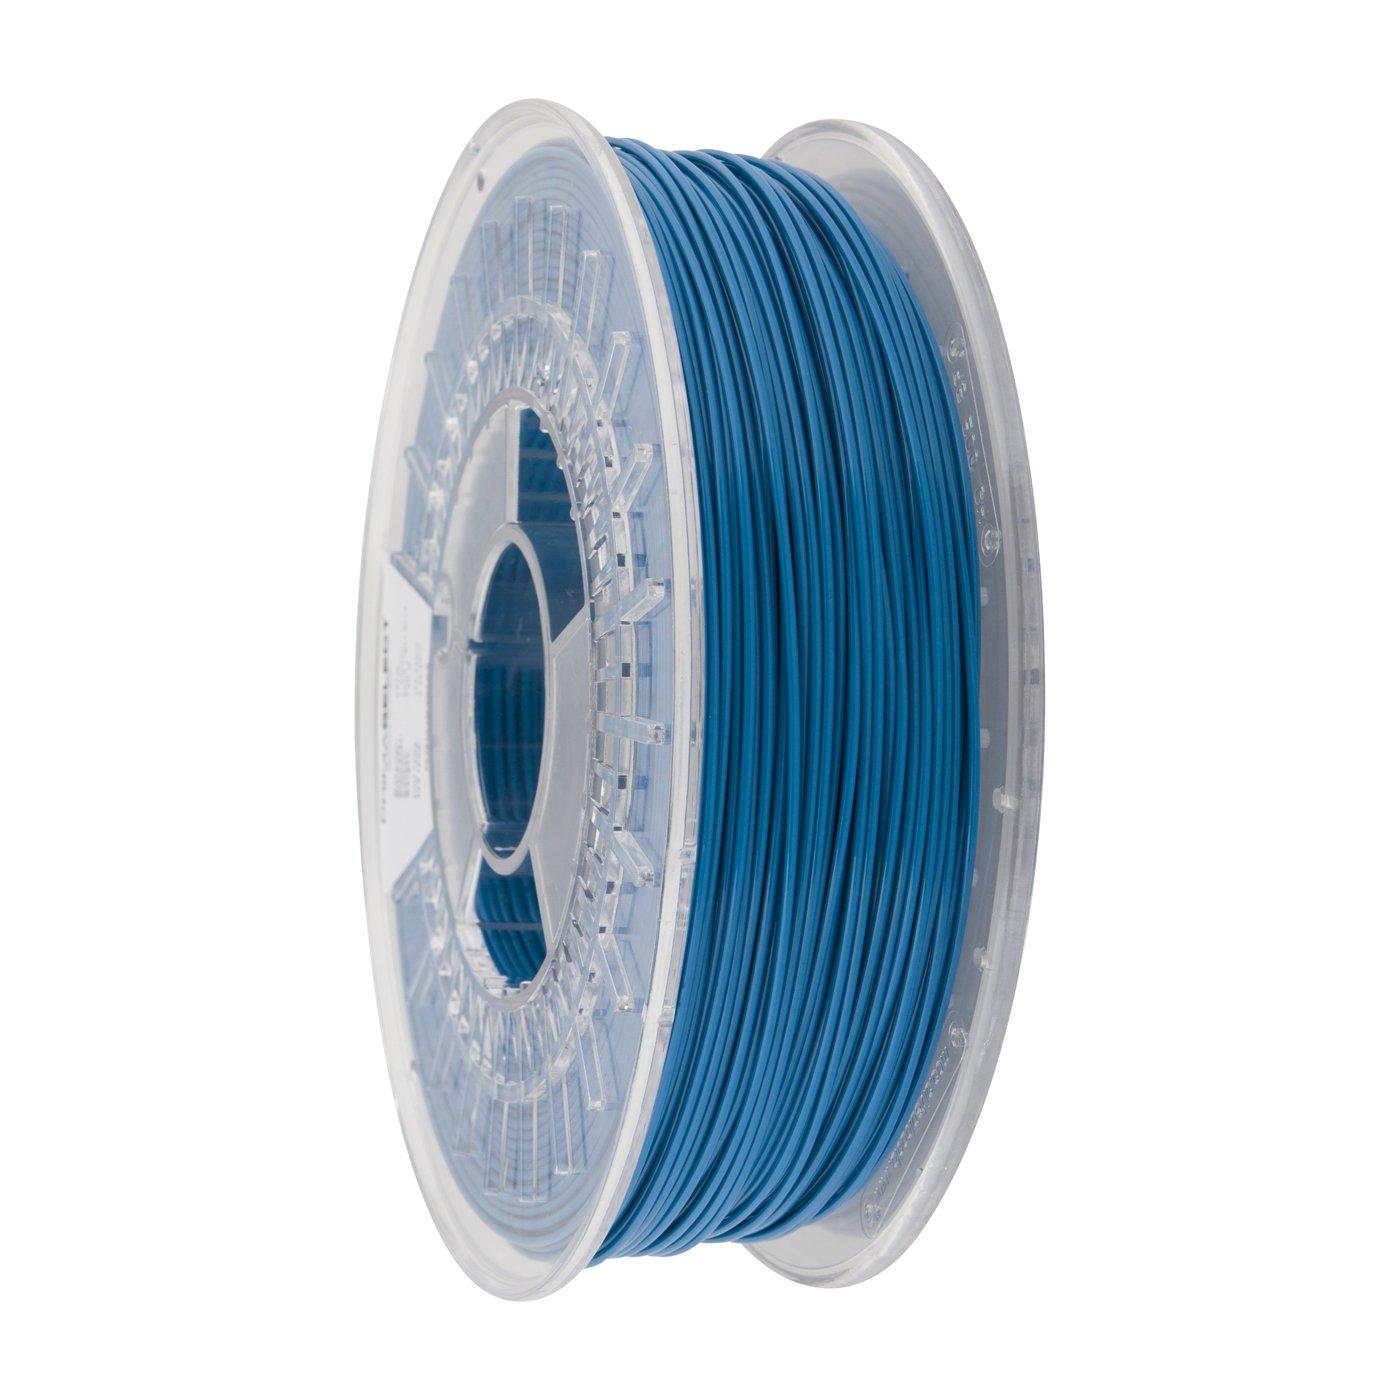 750 g 1.75 mm PrimaSelect PETG Filamenti Blu Trasparente